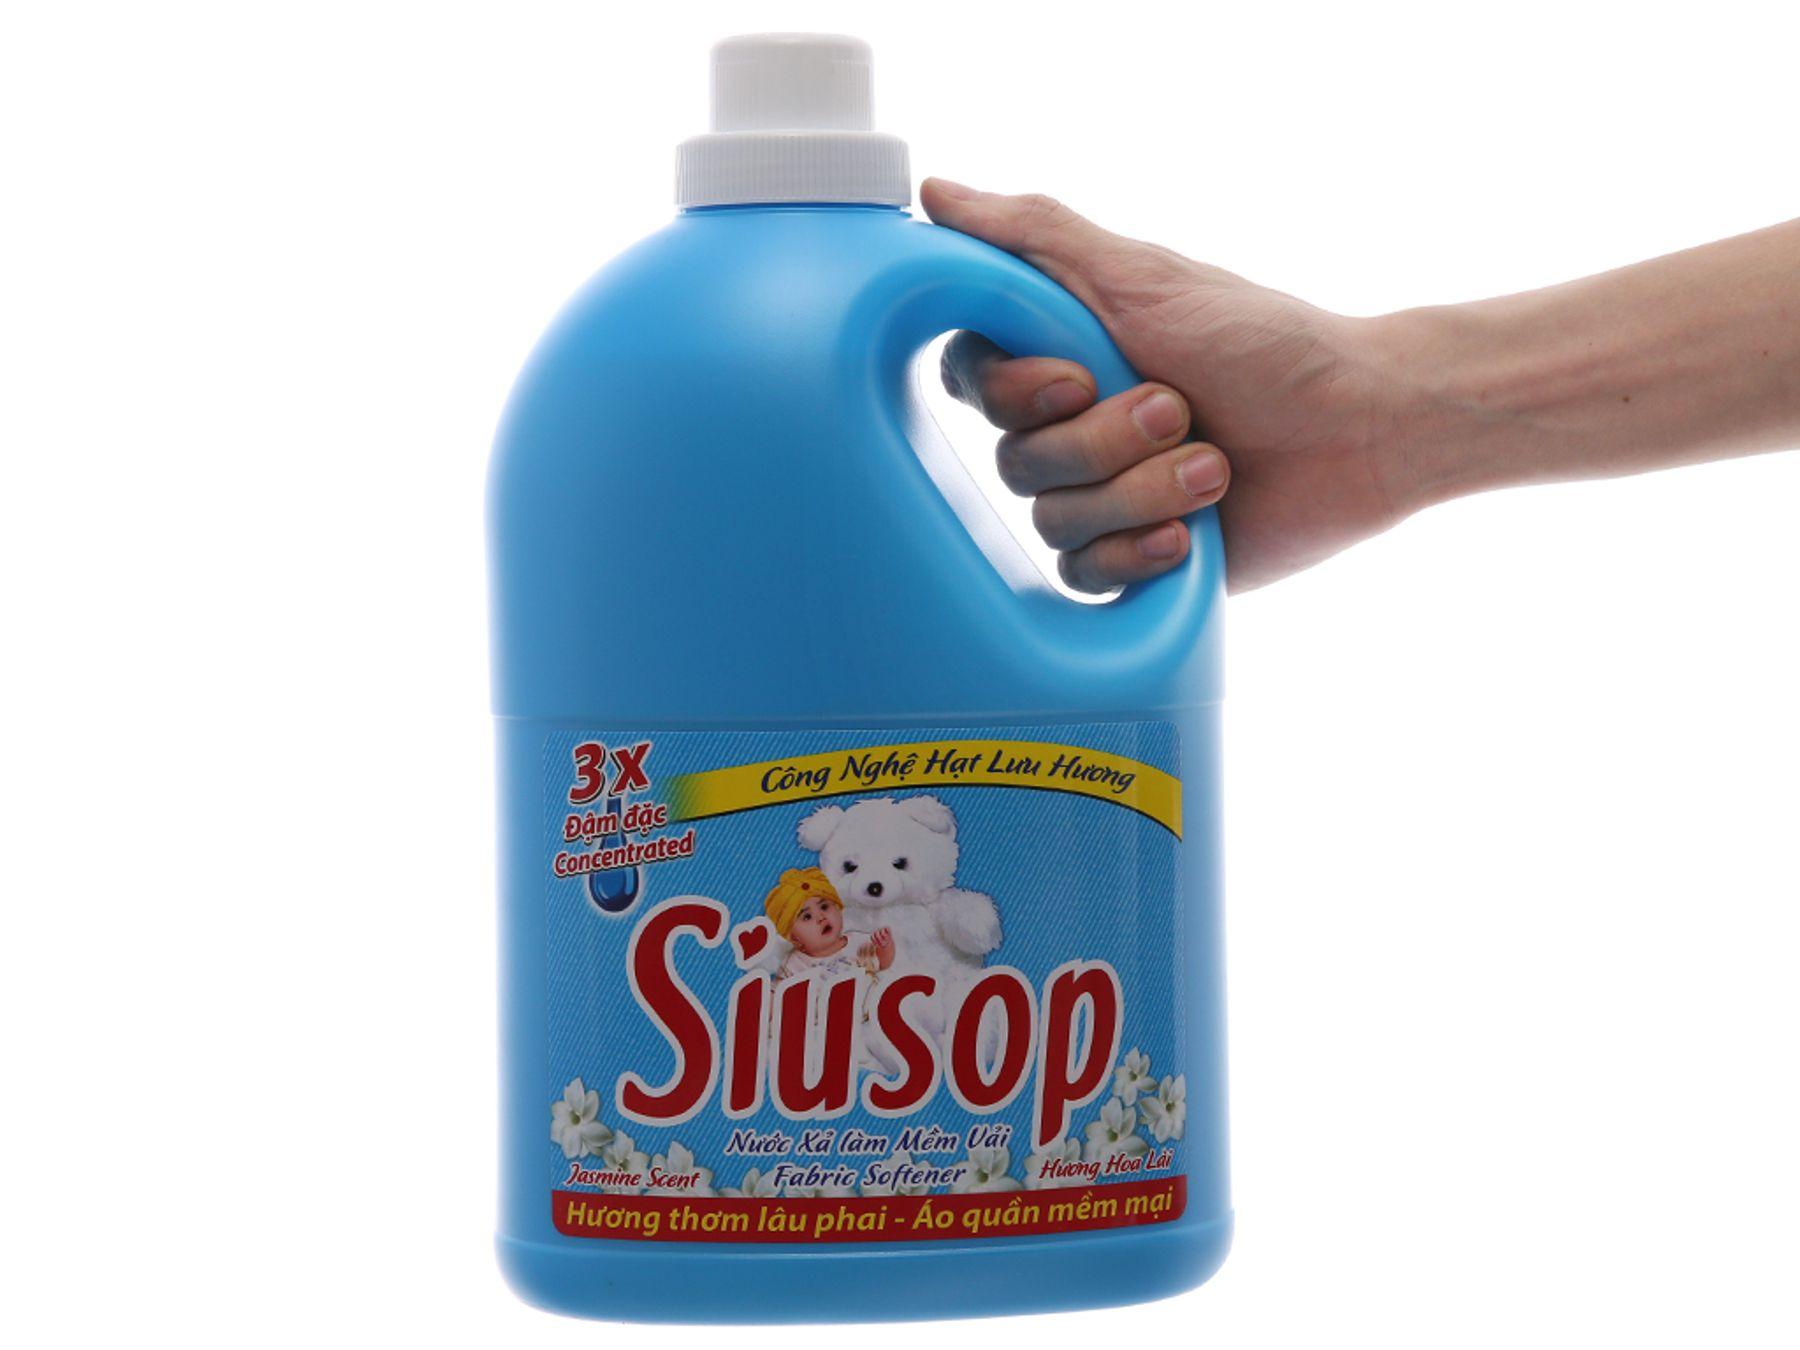 Nước xả vải Siusop có thơm không?